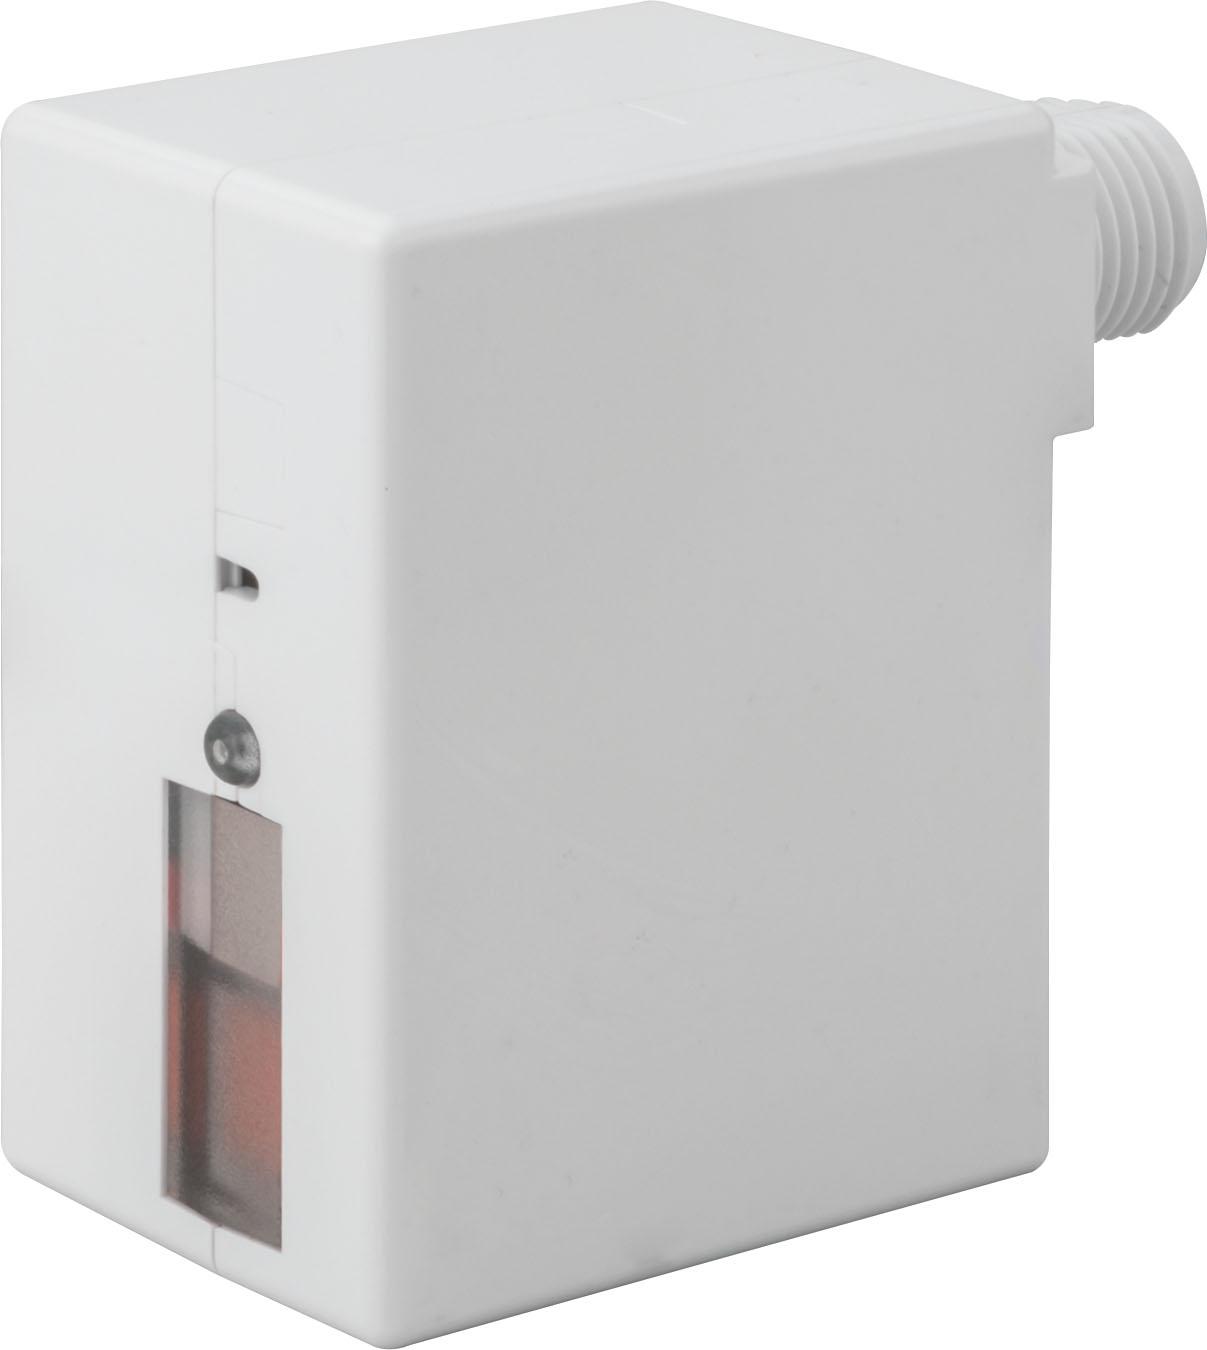 XPA rP20 D_White_Full Plastic.jpg